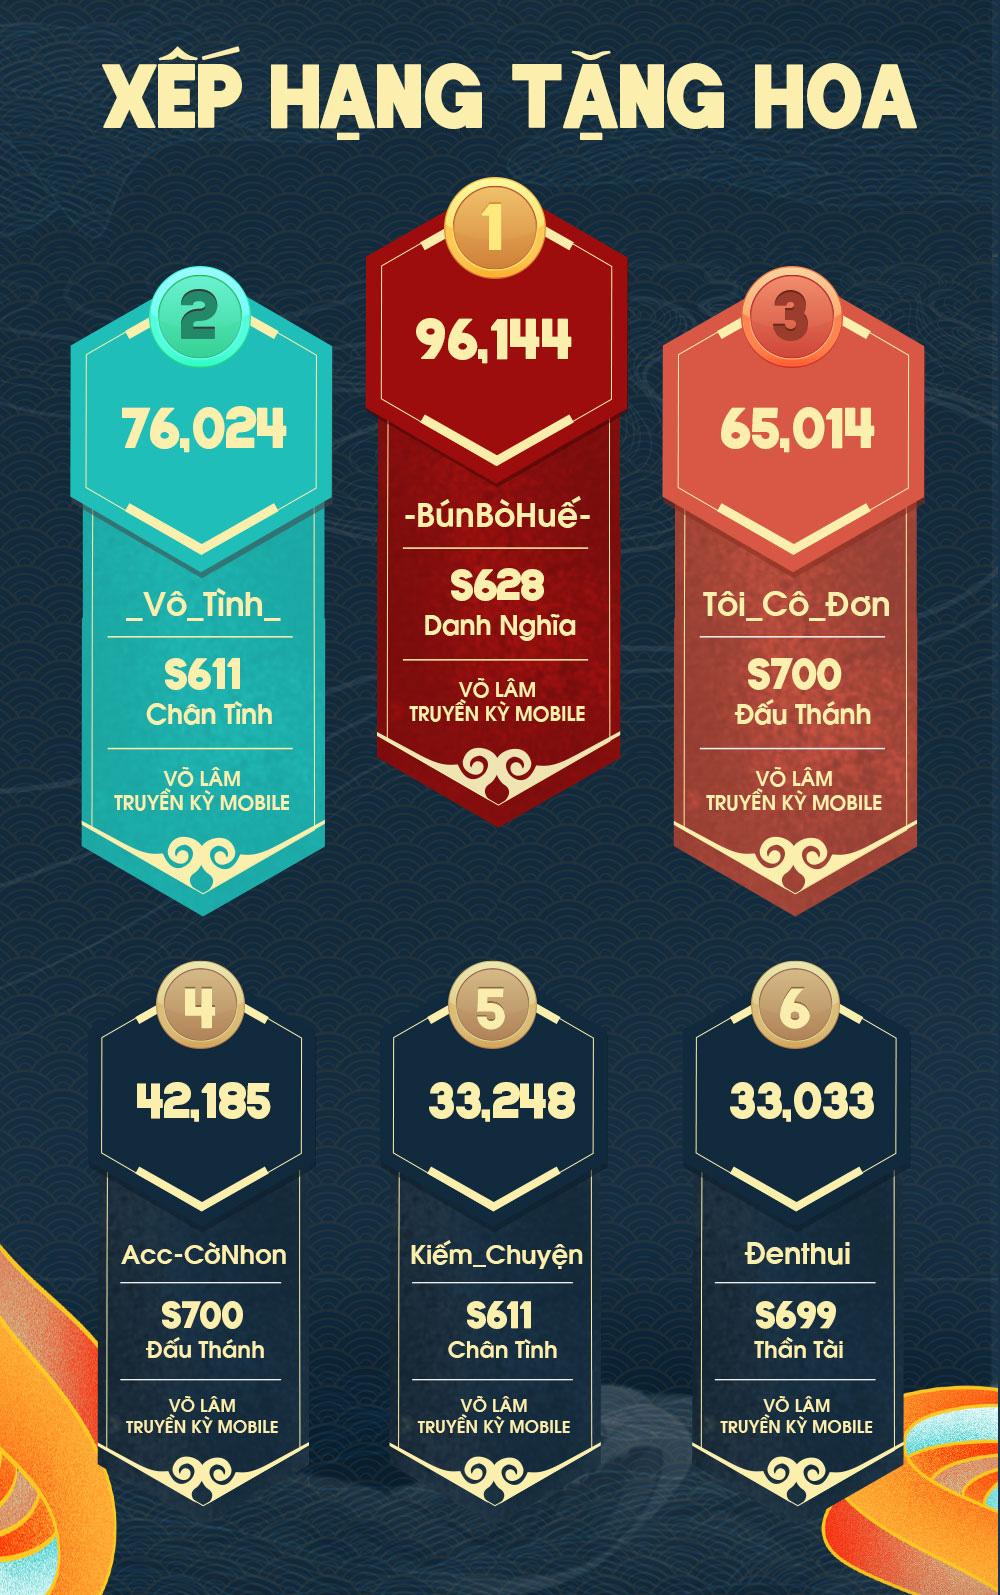 Miss & Mister VLTK 15: Hơn 9 triệu Hoa Hồng được trao gửi và gần 100.000 lượt tương tác trên kênh YouTube - Ảnh 4.